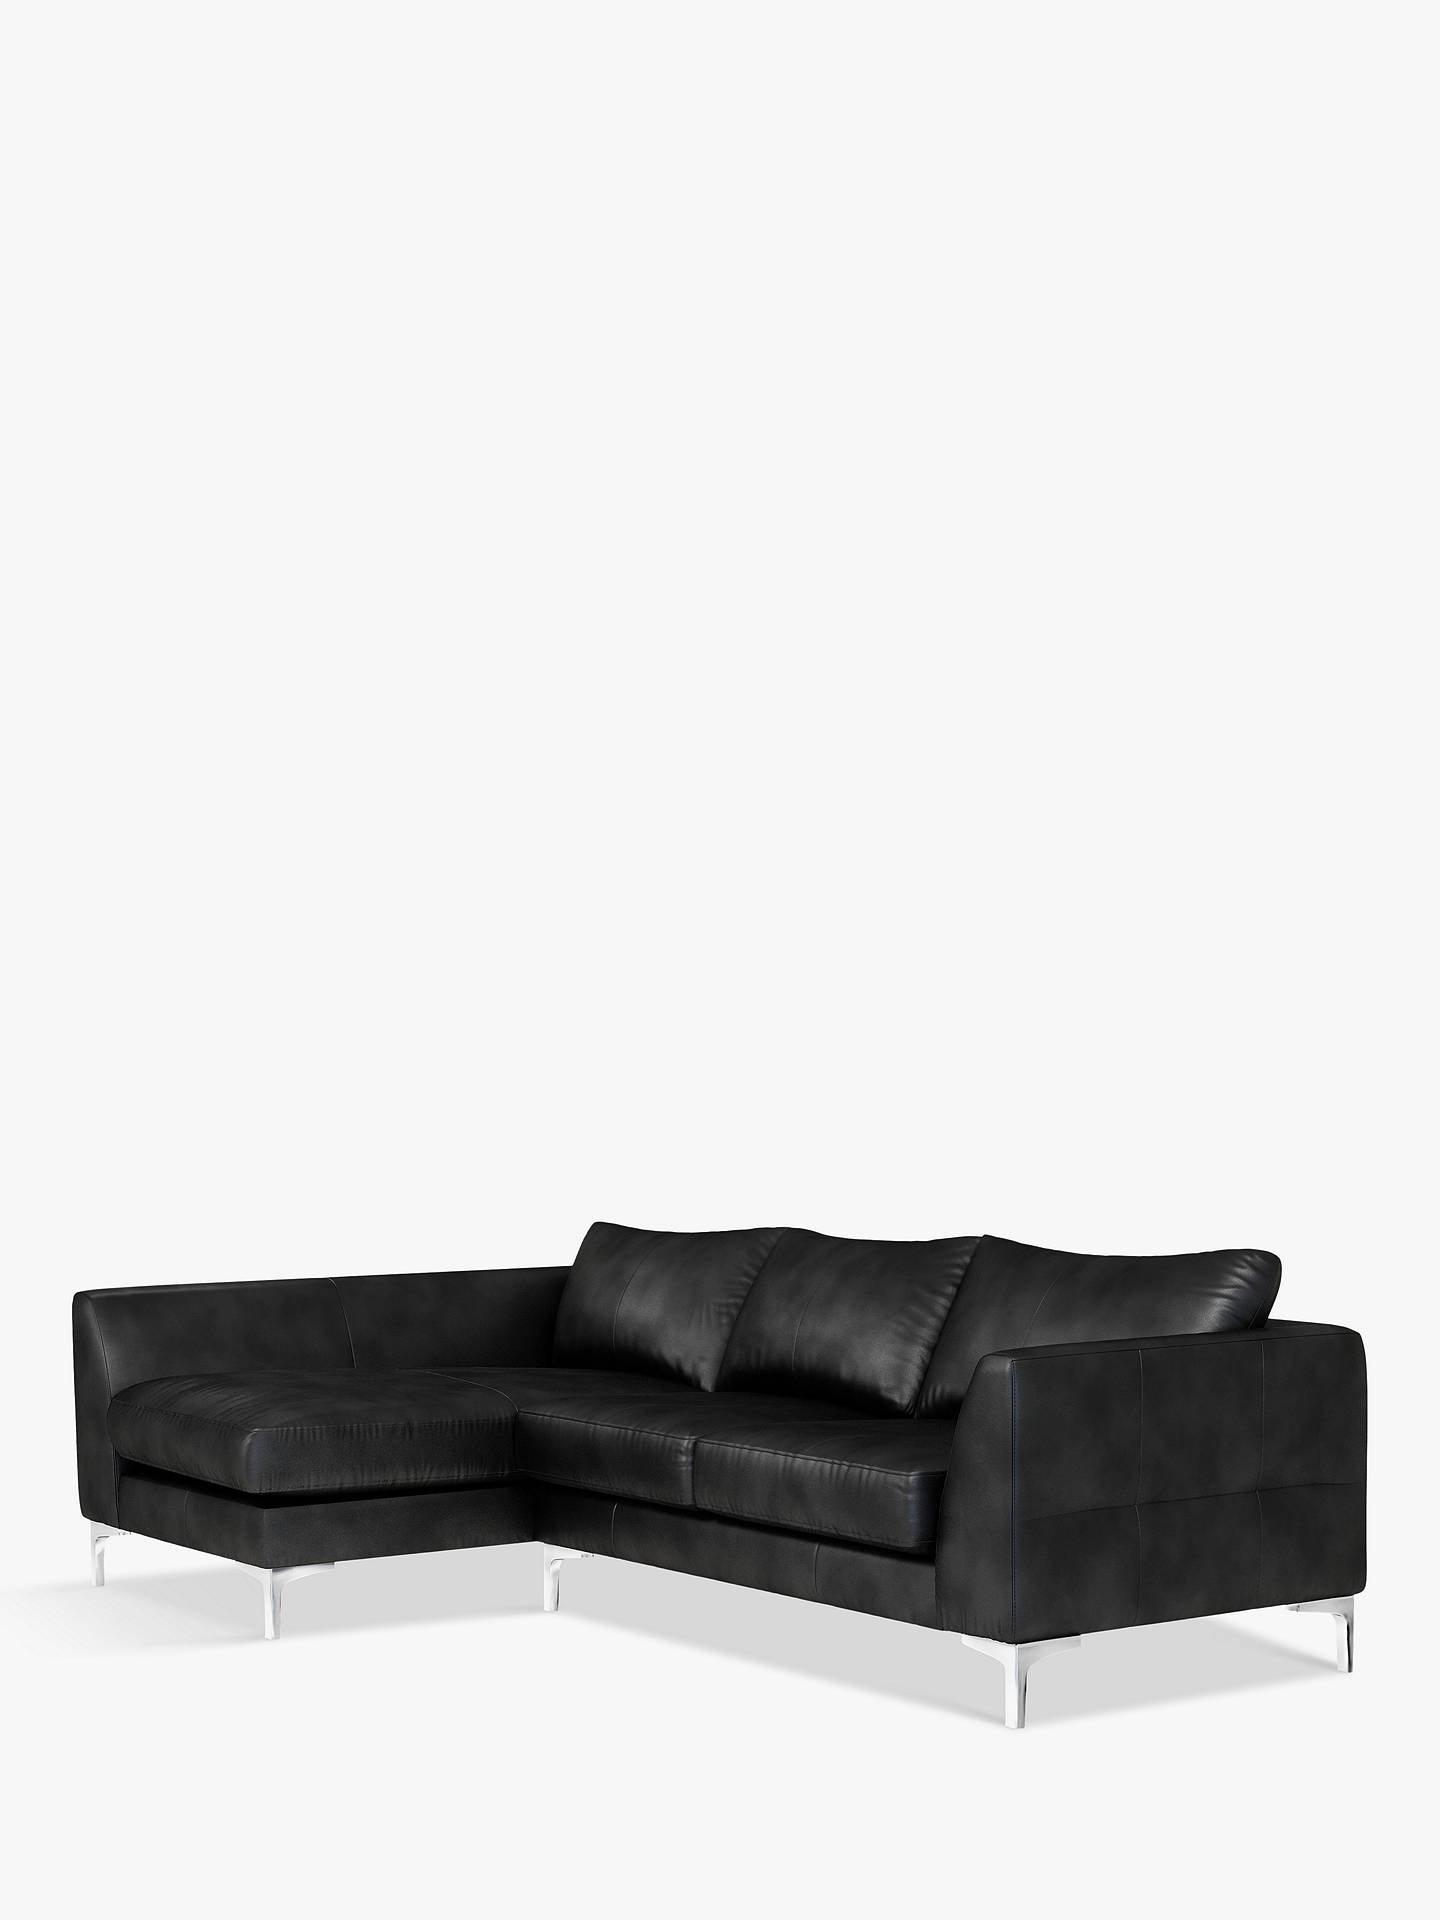 John Lewis Partners Belgrave Lhf Chaise End Leather Sofa Metal Leg Contempo Black